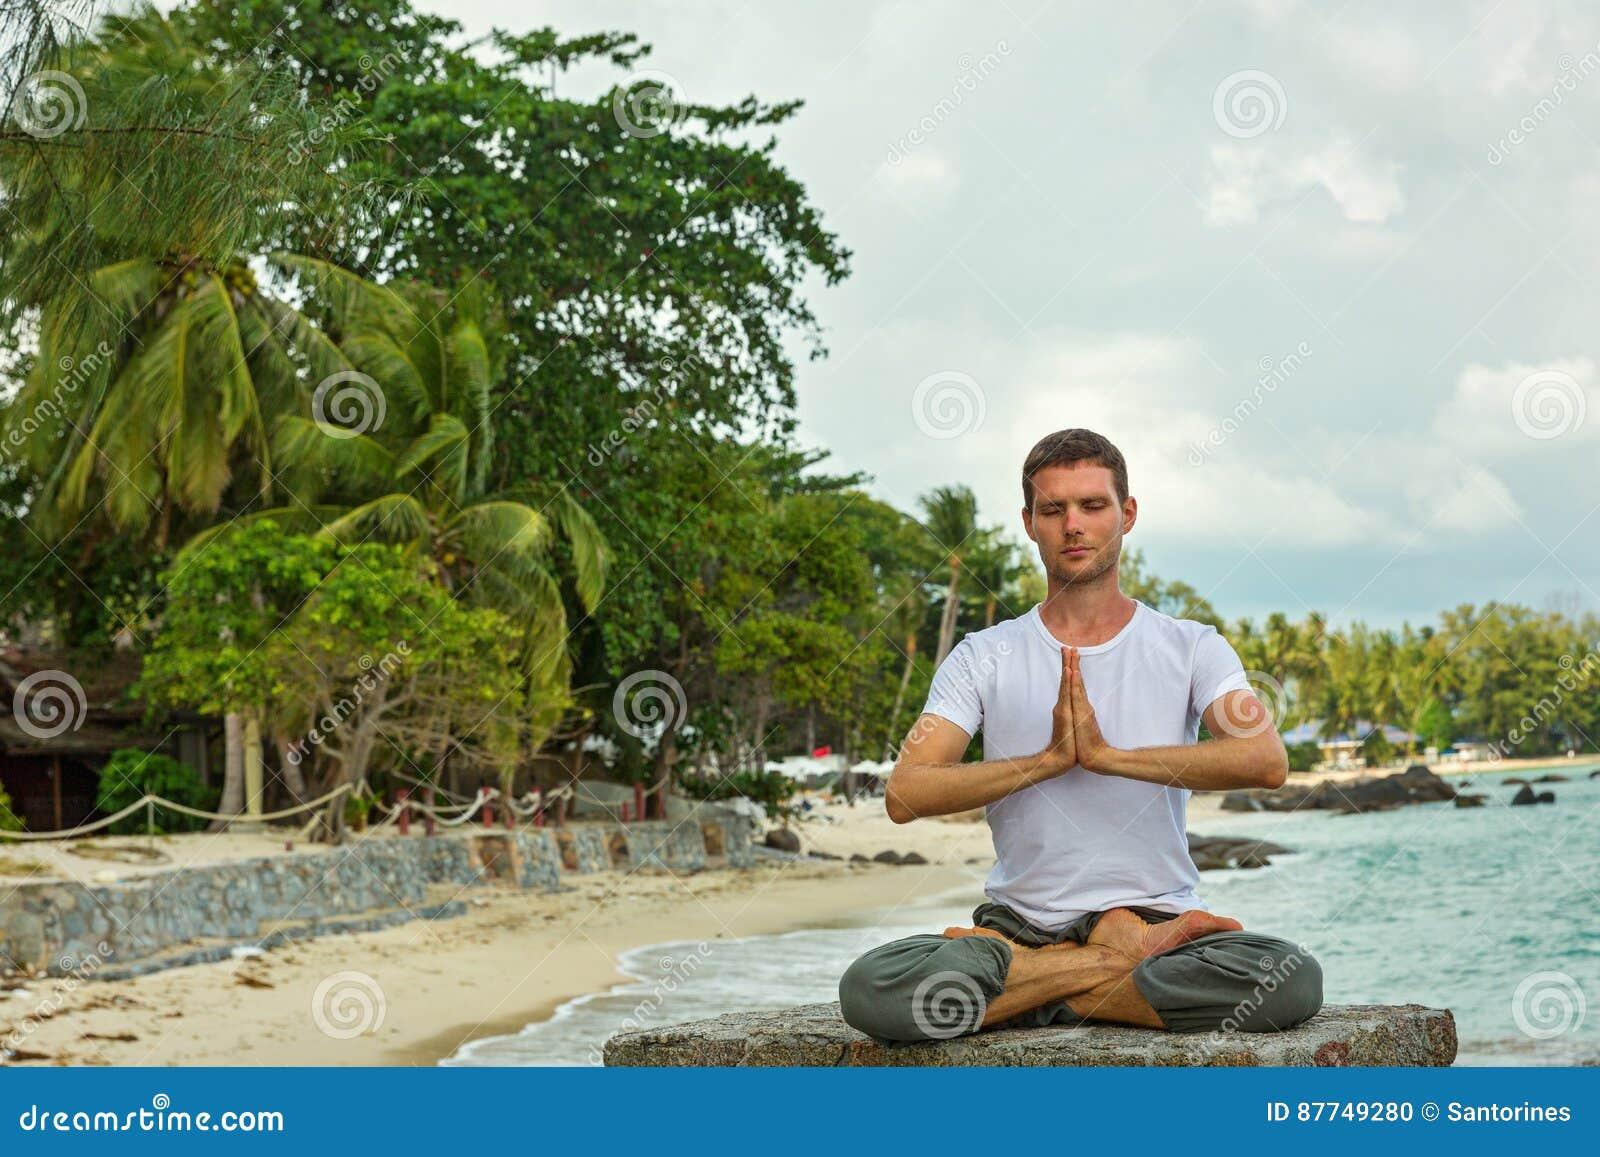 l 39 homme fait le yoga sur la plage photo stock image 87749280. Black Bedroom Furniture Sets. Home Design Ideas